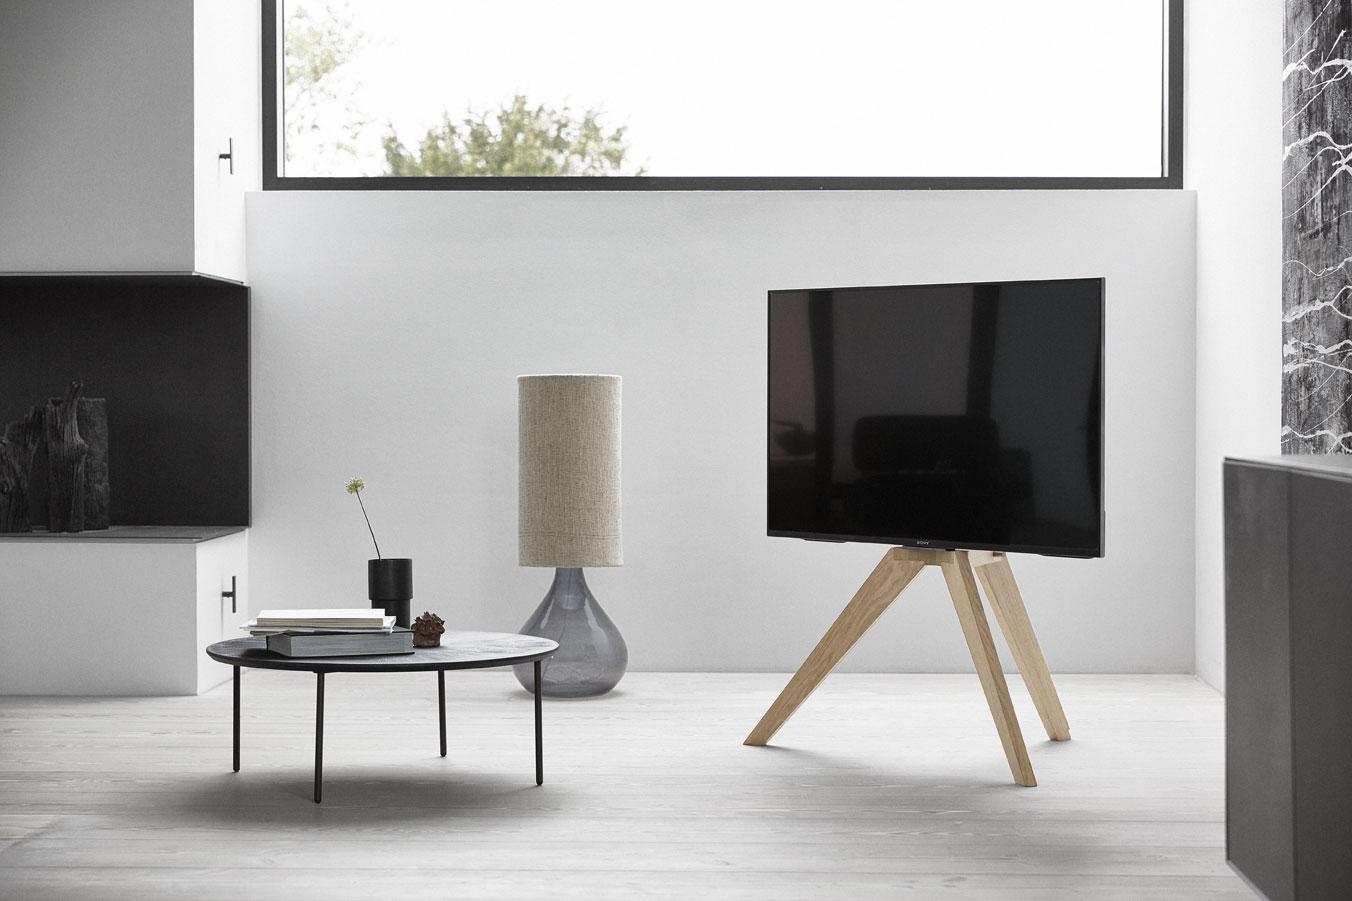 Vogel's toont vloerstaander voor tv in Scandinavisch design